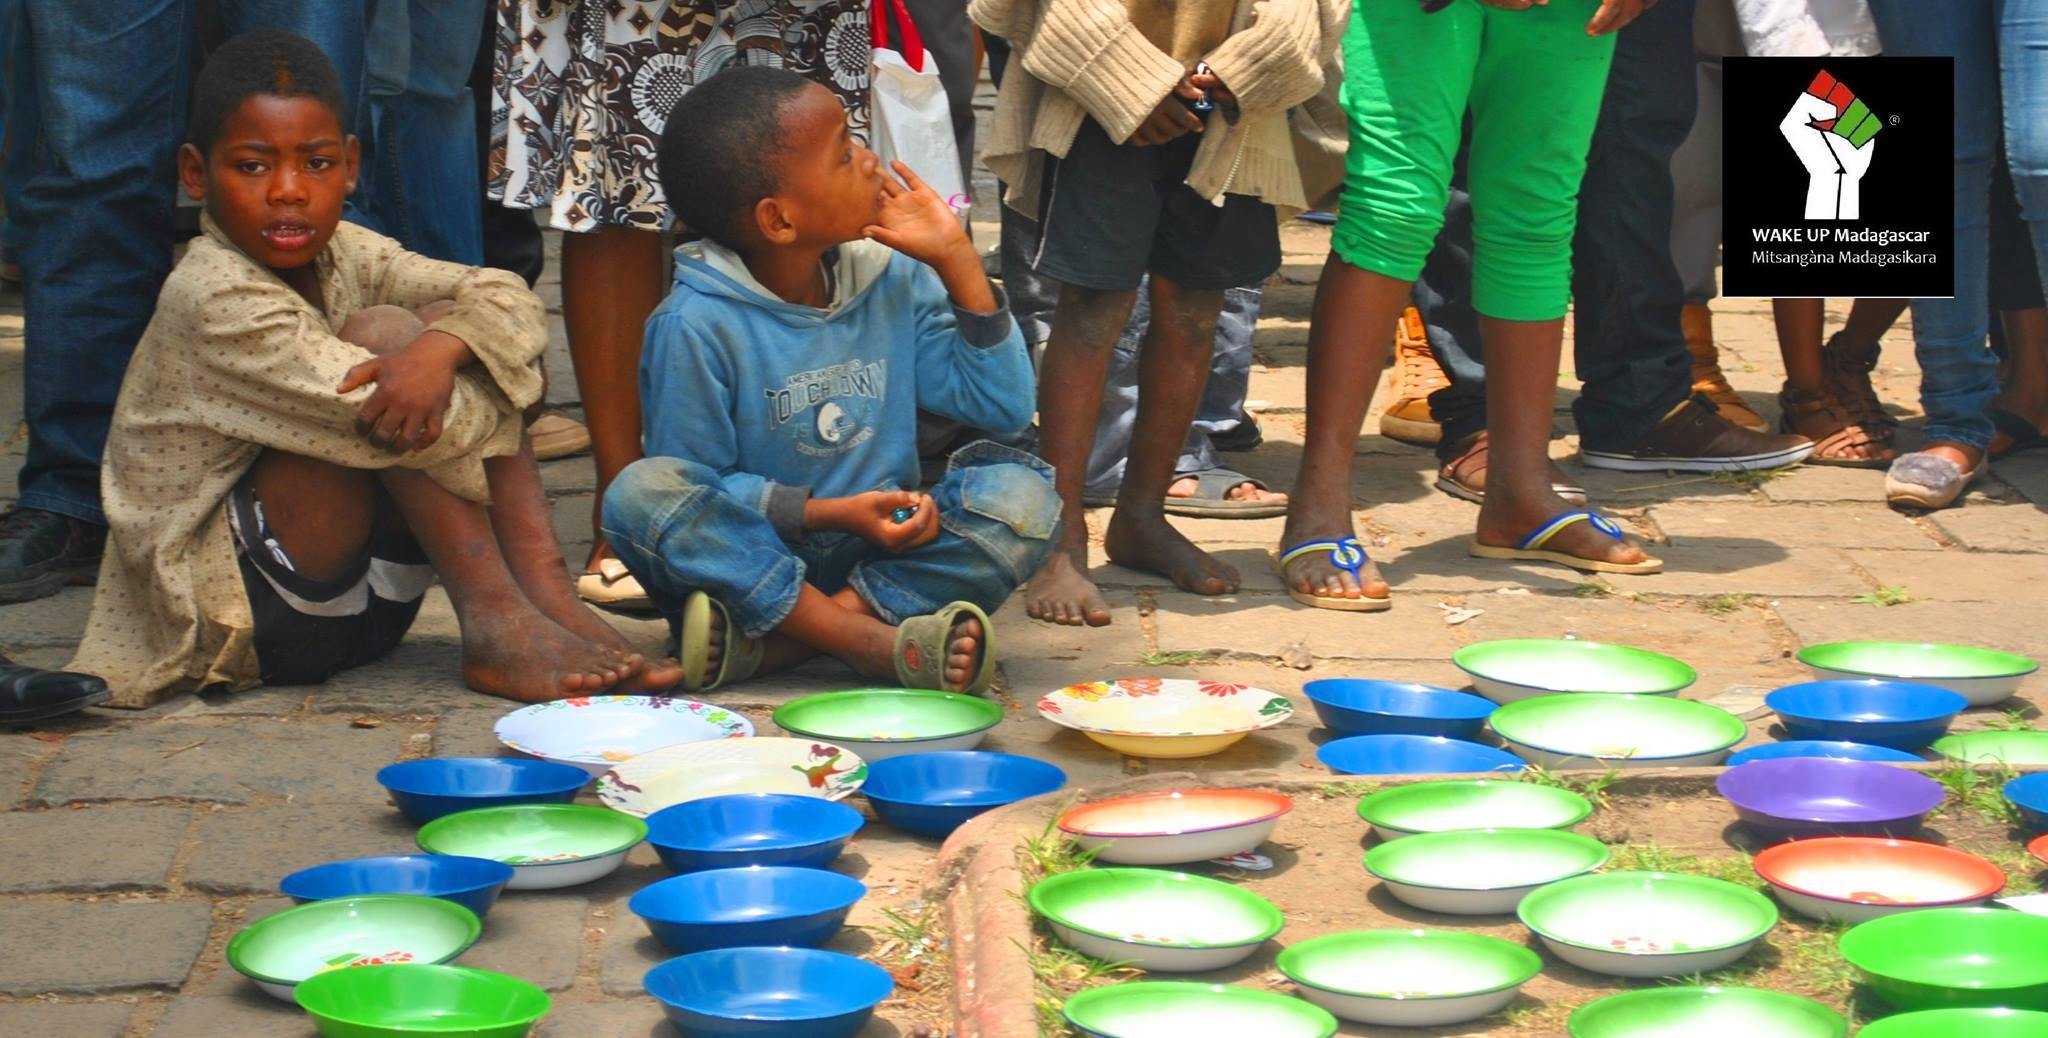 Madagascar  : Le banquet d'Iavoloha perçue comme une moquerie contre les magaches